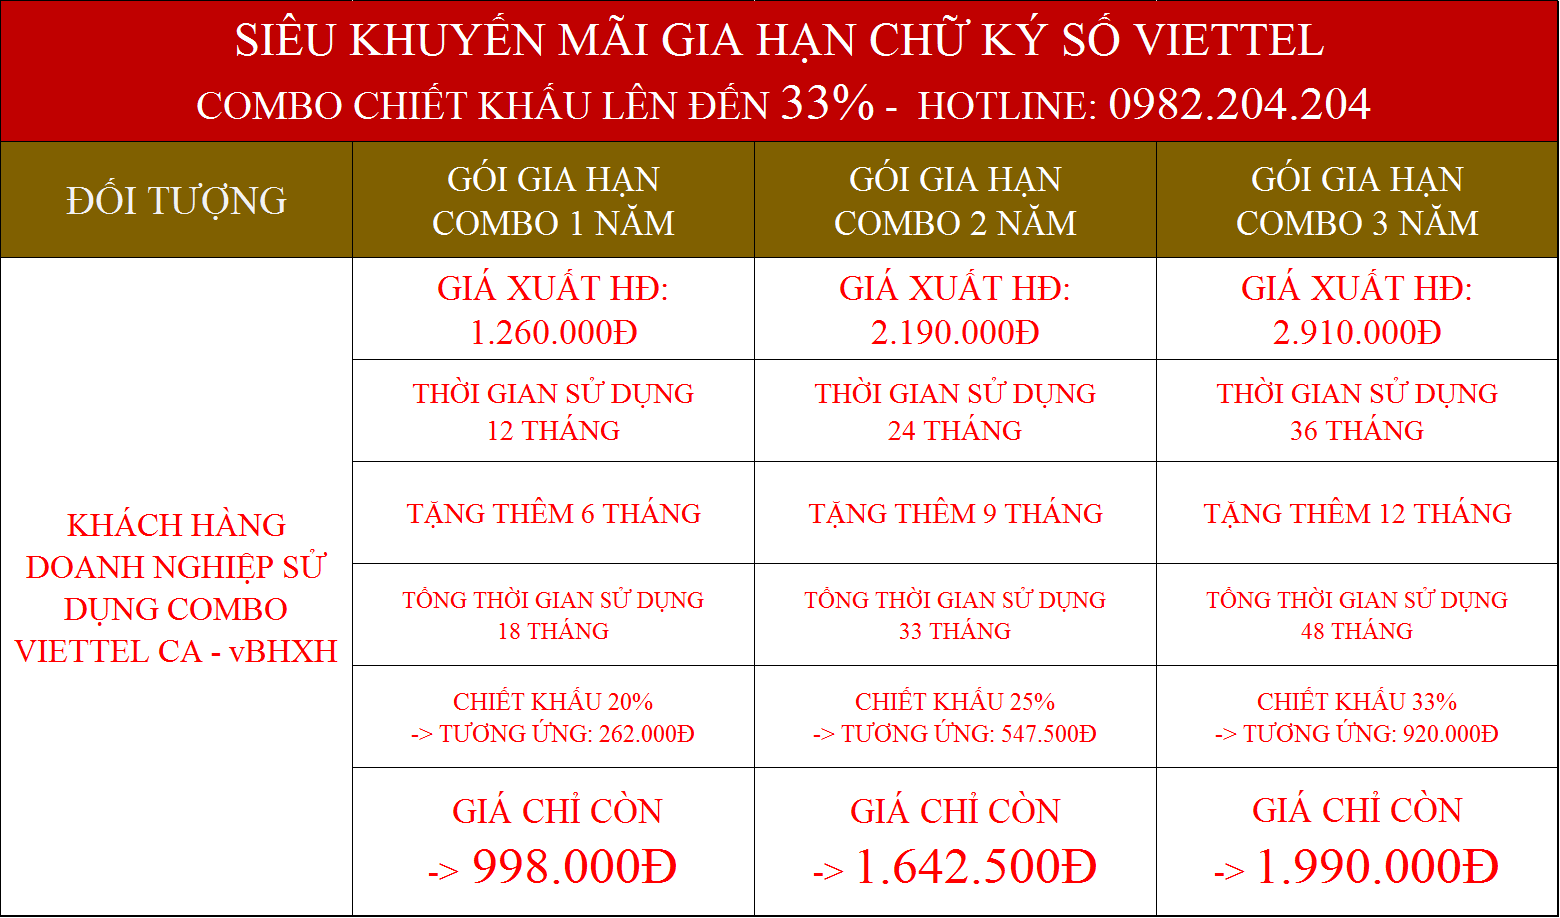 Gia Hạn chữ ký số Viettel Đà Nẵng combo kèm vBHXH